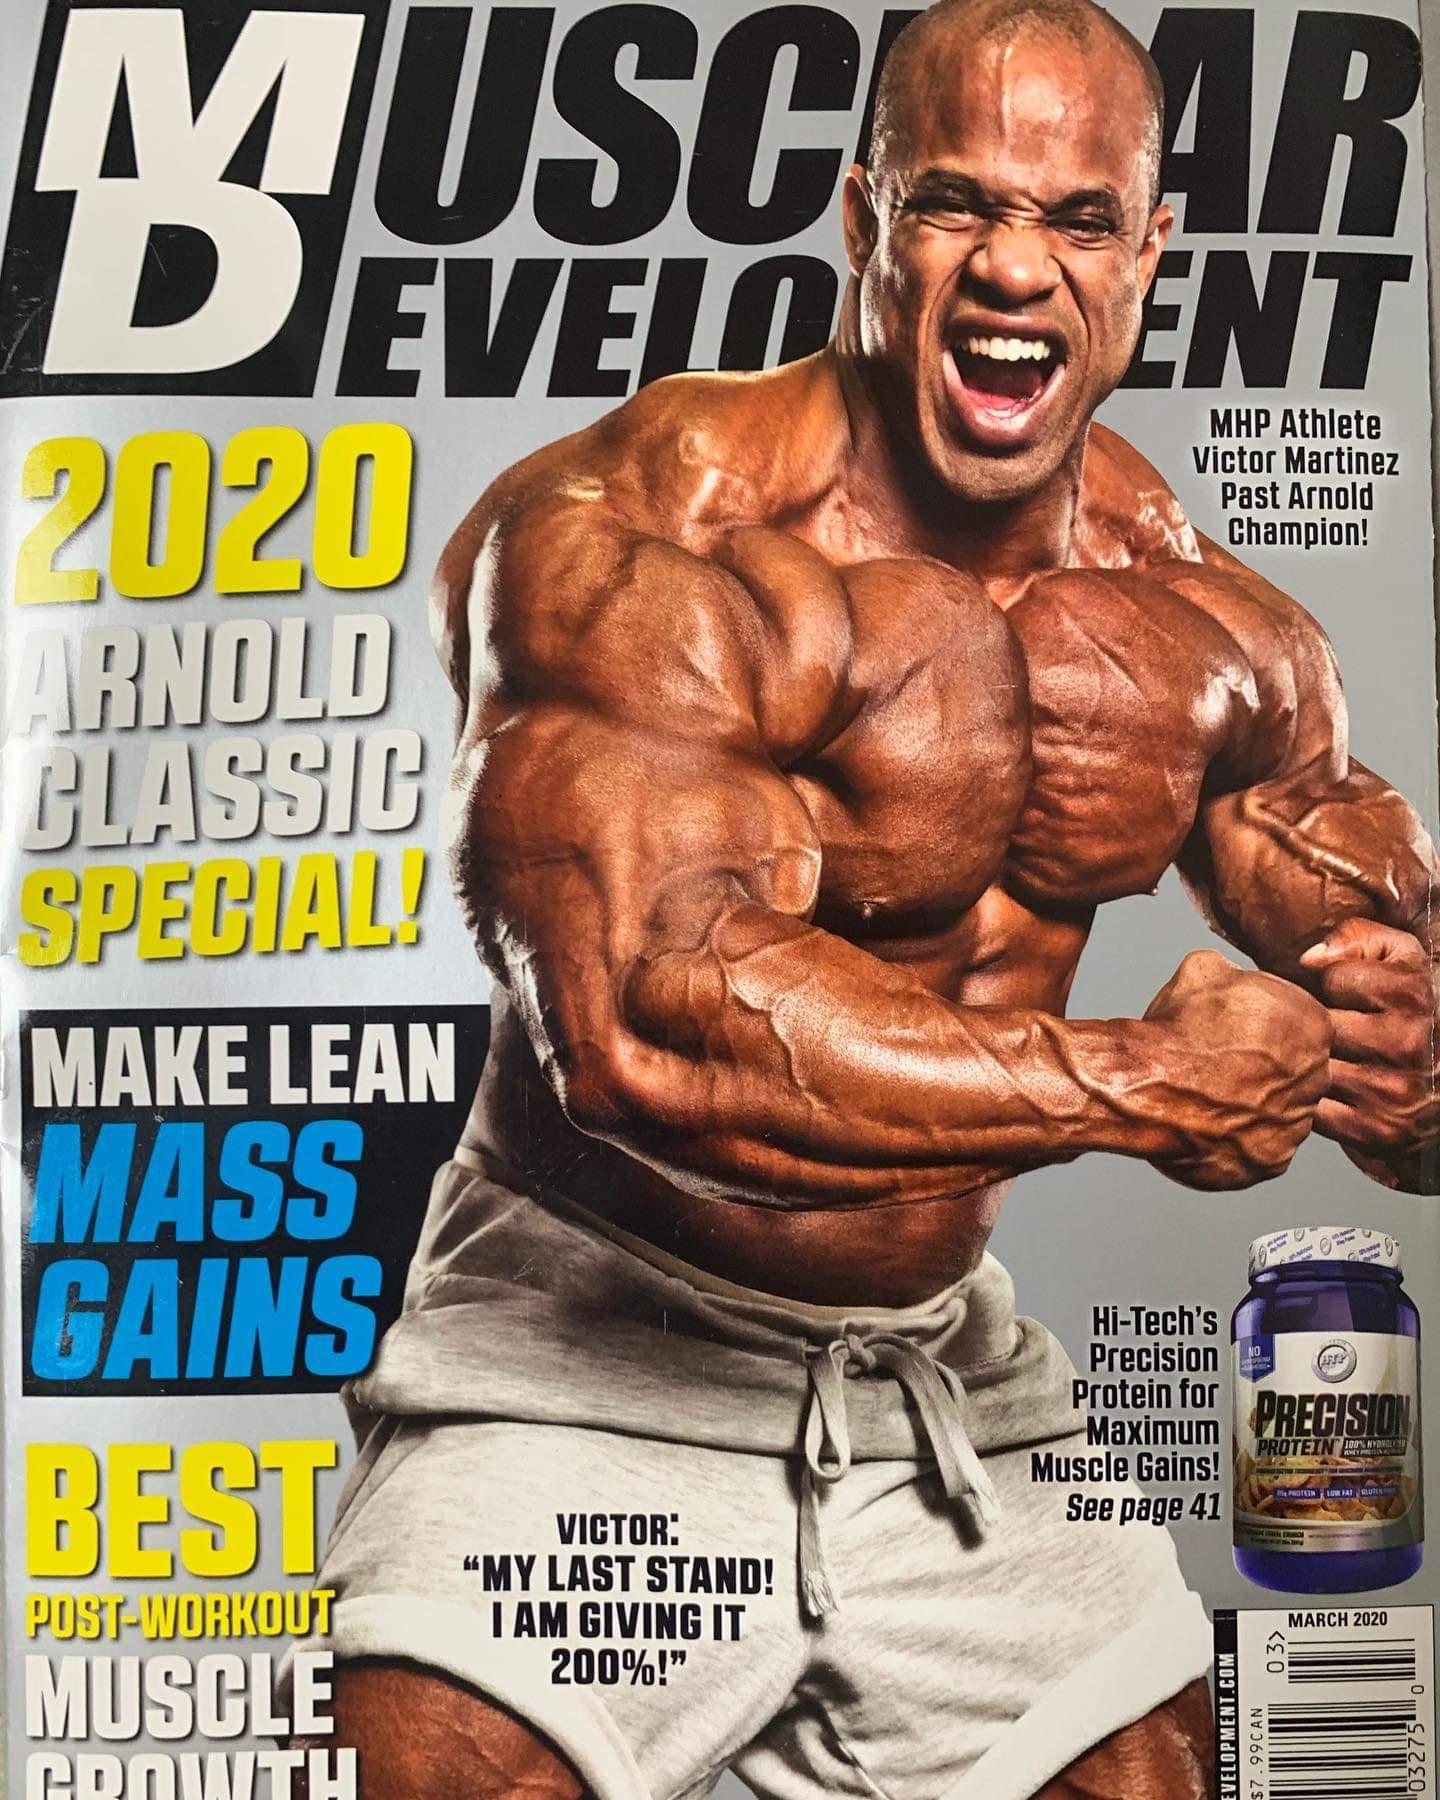 victor martinez sulla cover della rivista muscular development di marzo 2020